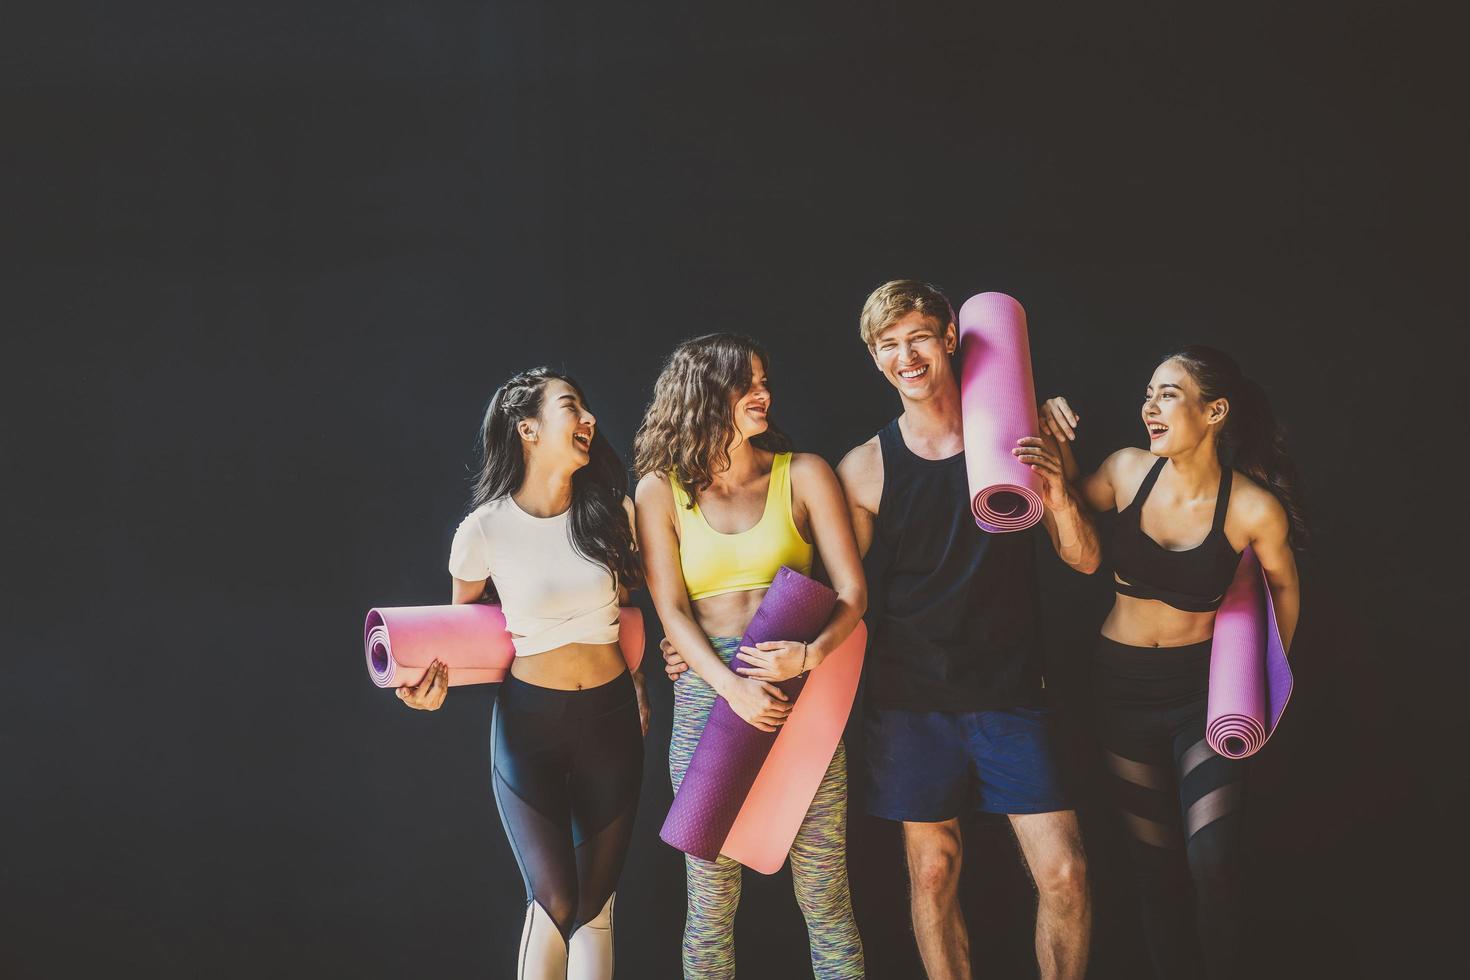 giovani attivi che si allenano insieme in una lezione di yoga foto